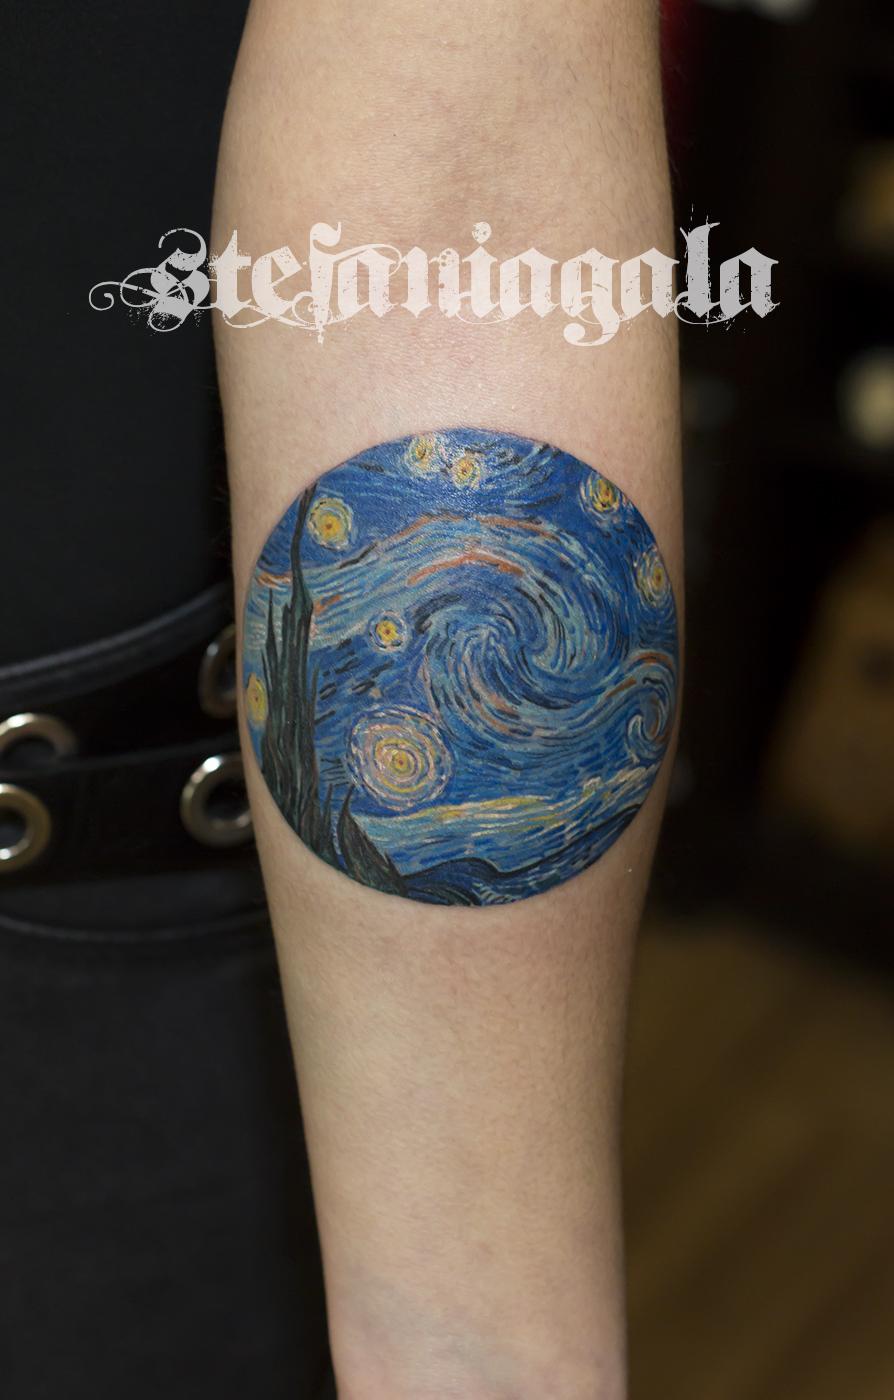 Van_gogh_De sterrennacht_notte_stellata_Vincent_amsterdam_colori_disegni_personalizzati_Stefania_Gala_Evil_Machines_Tattoo_Roma_migliore